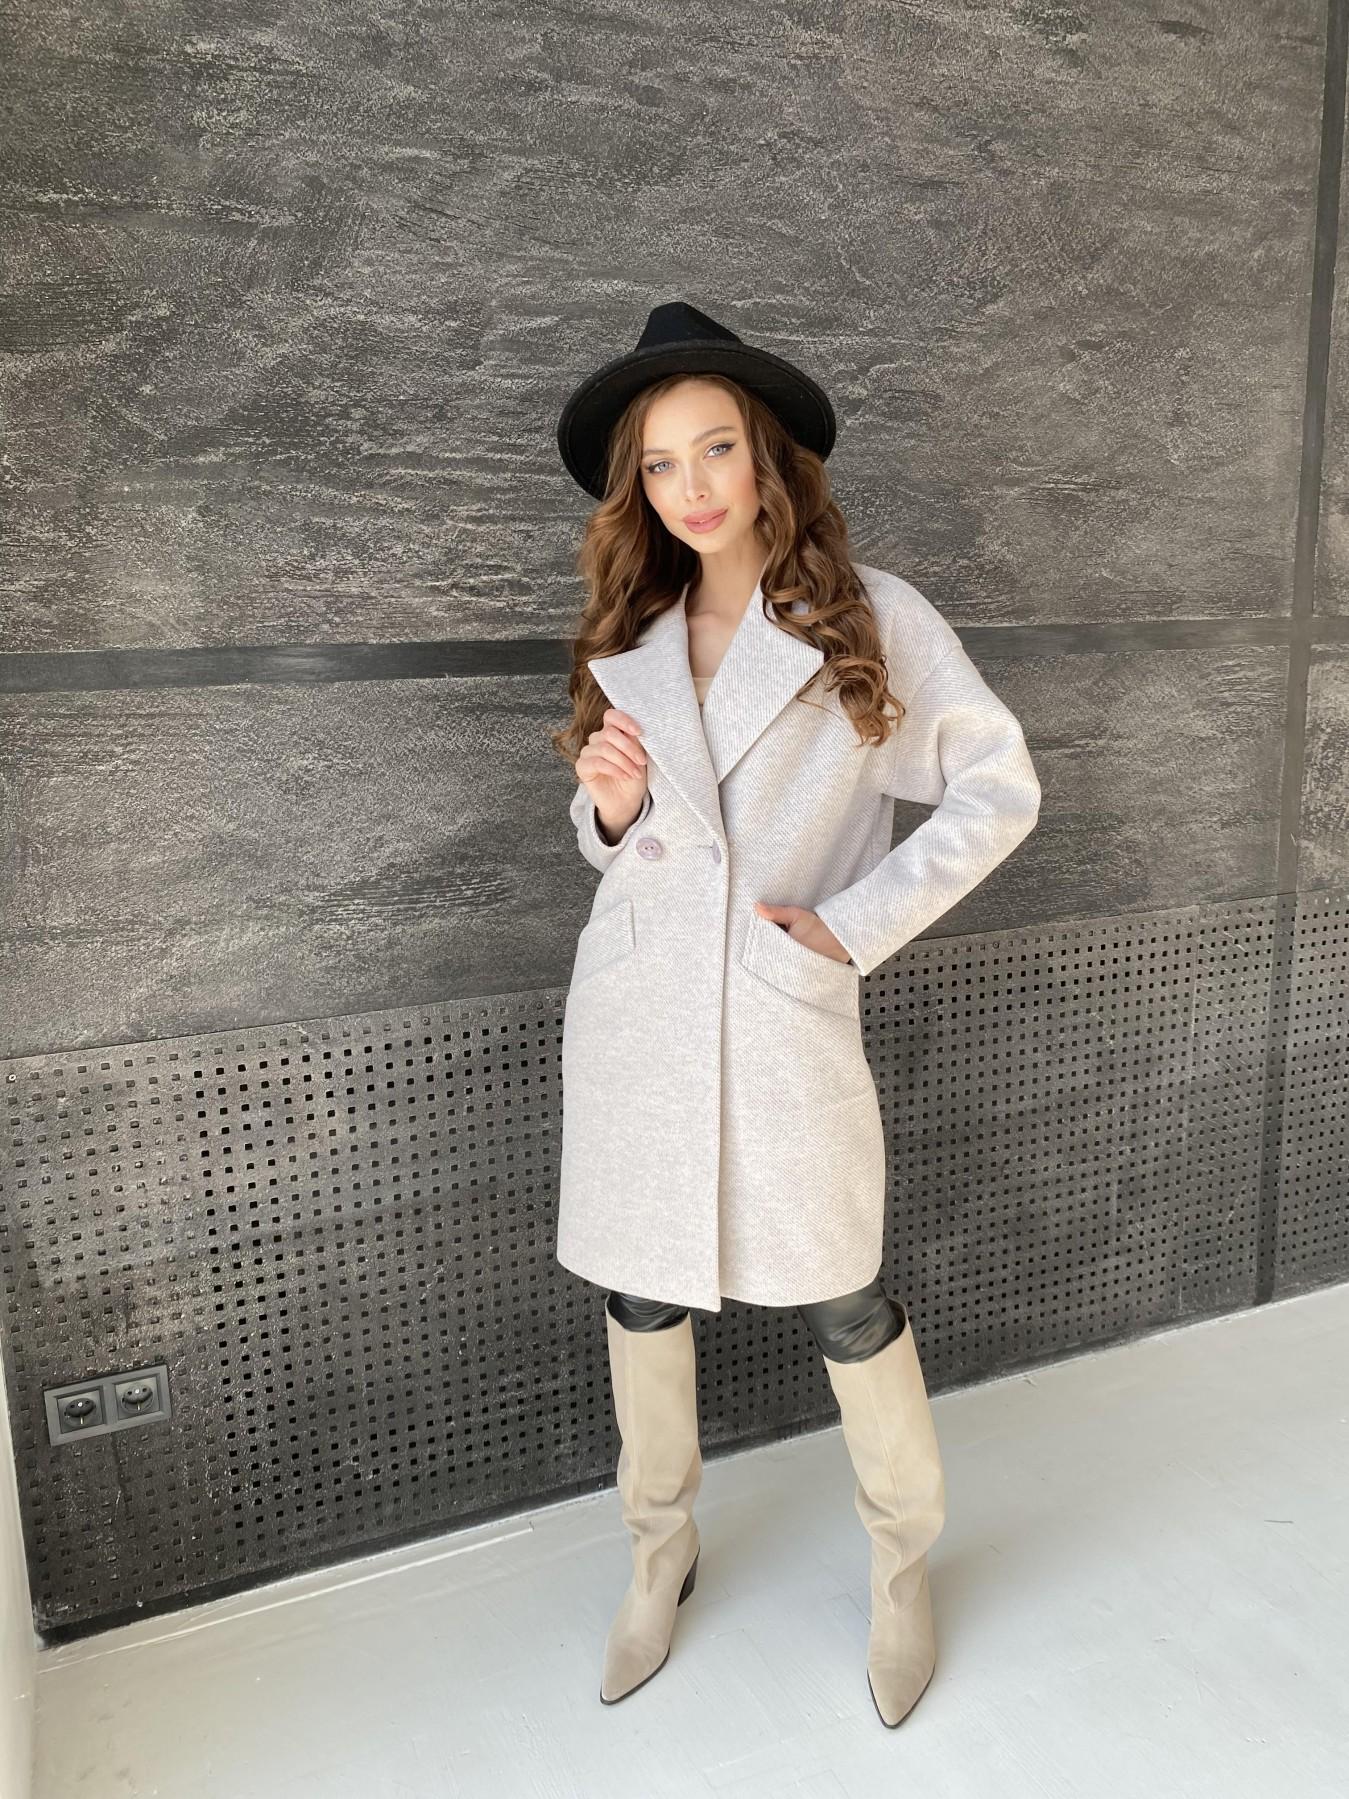 Сенсей Флеш пальто 10662 АРТ. 47187 Цвет: Бежевый 22 - фото 9, интернет магазин tm-modus.ru